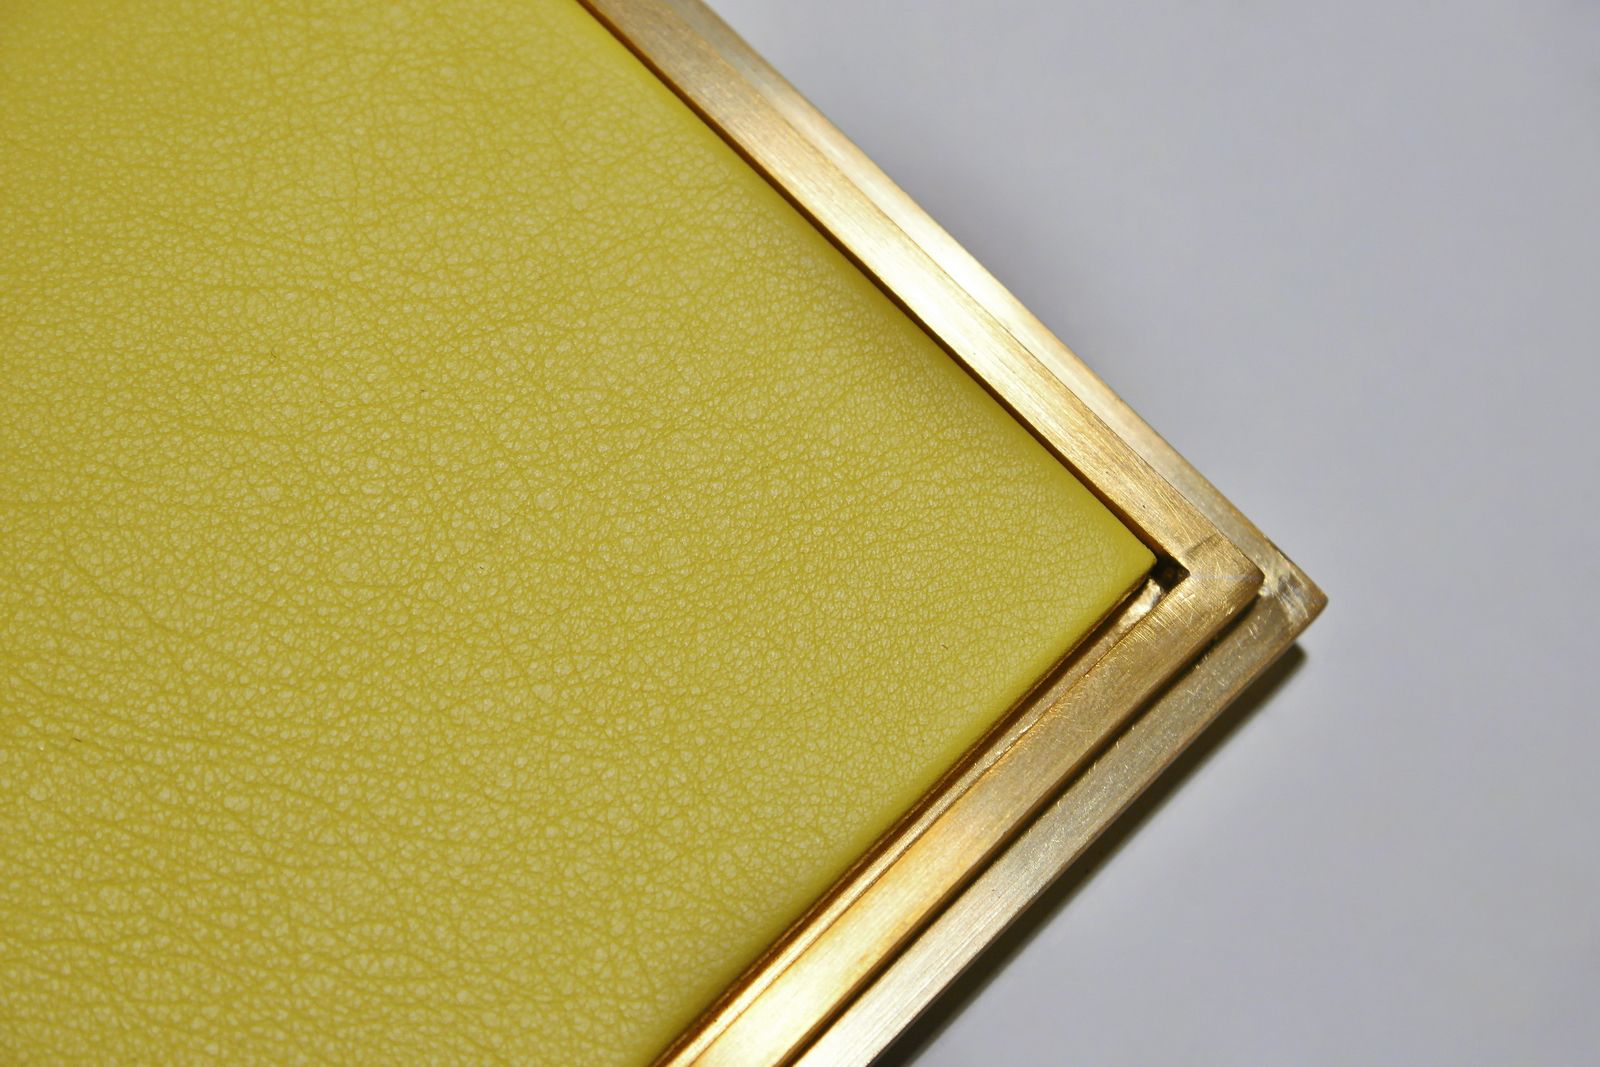 PTendercool-Display Vase-BS1-Yellow-190212-03